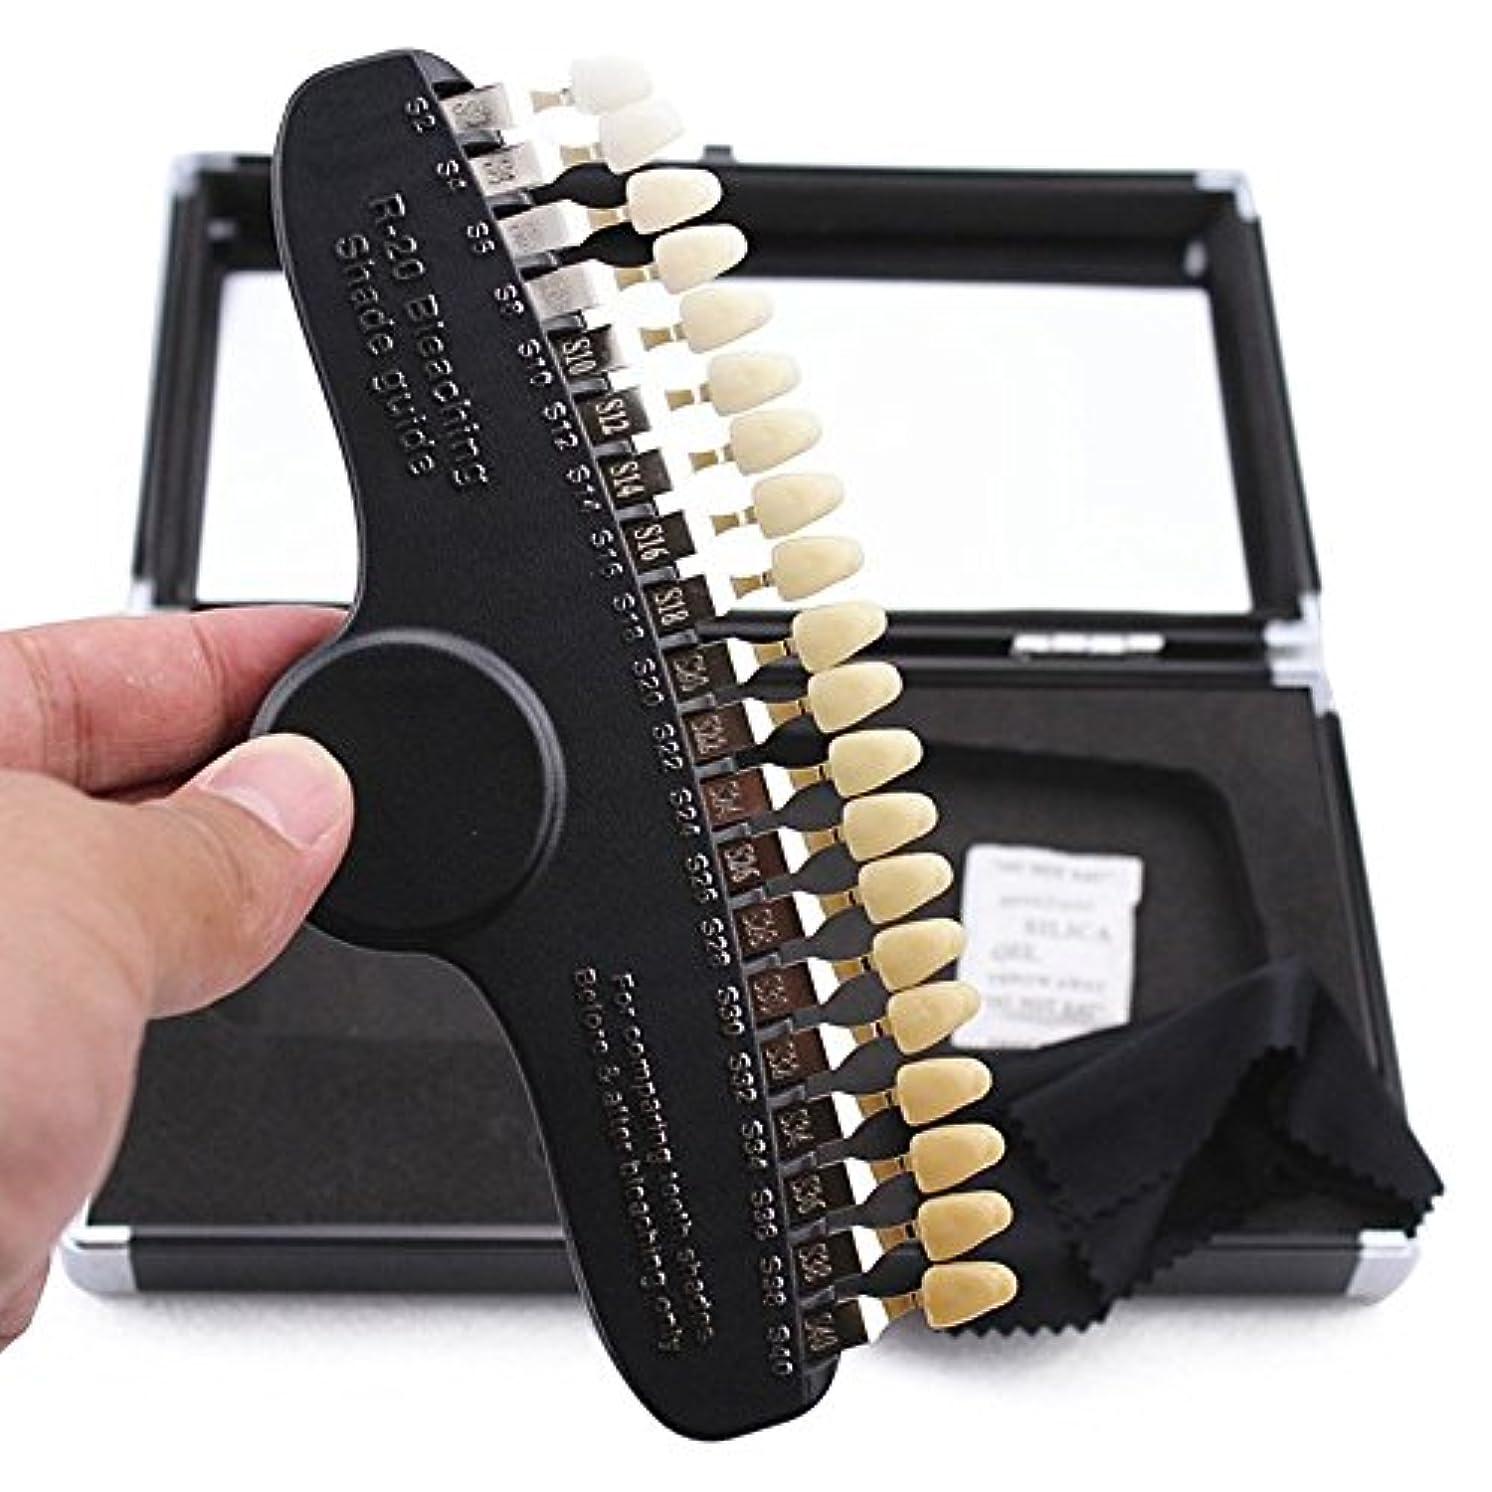 PochiDen 歯科ホワイトニング用シェードガイド 20色 3D 歯列模型ボード